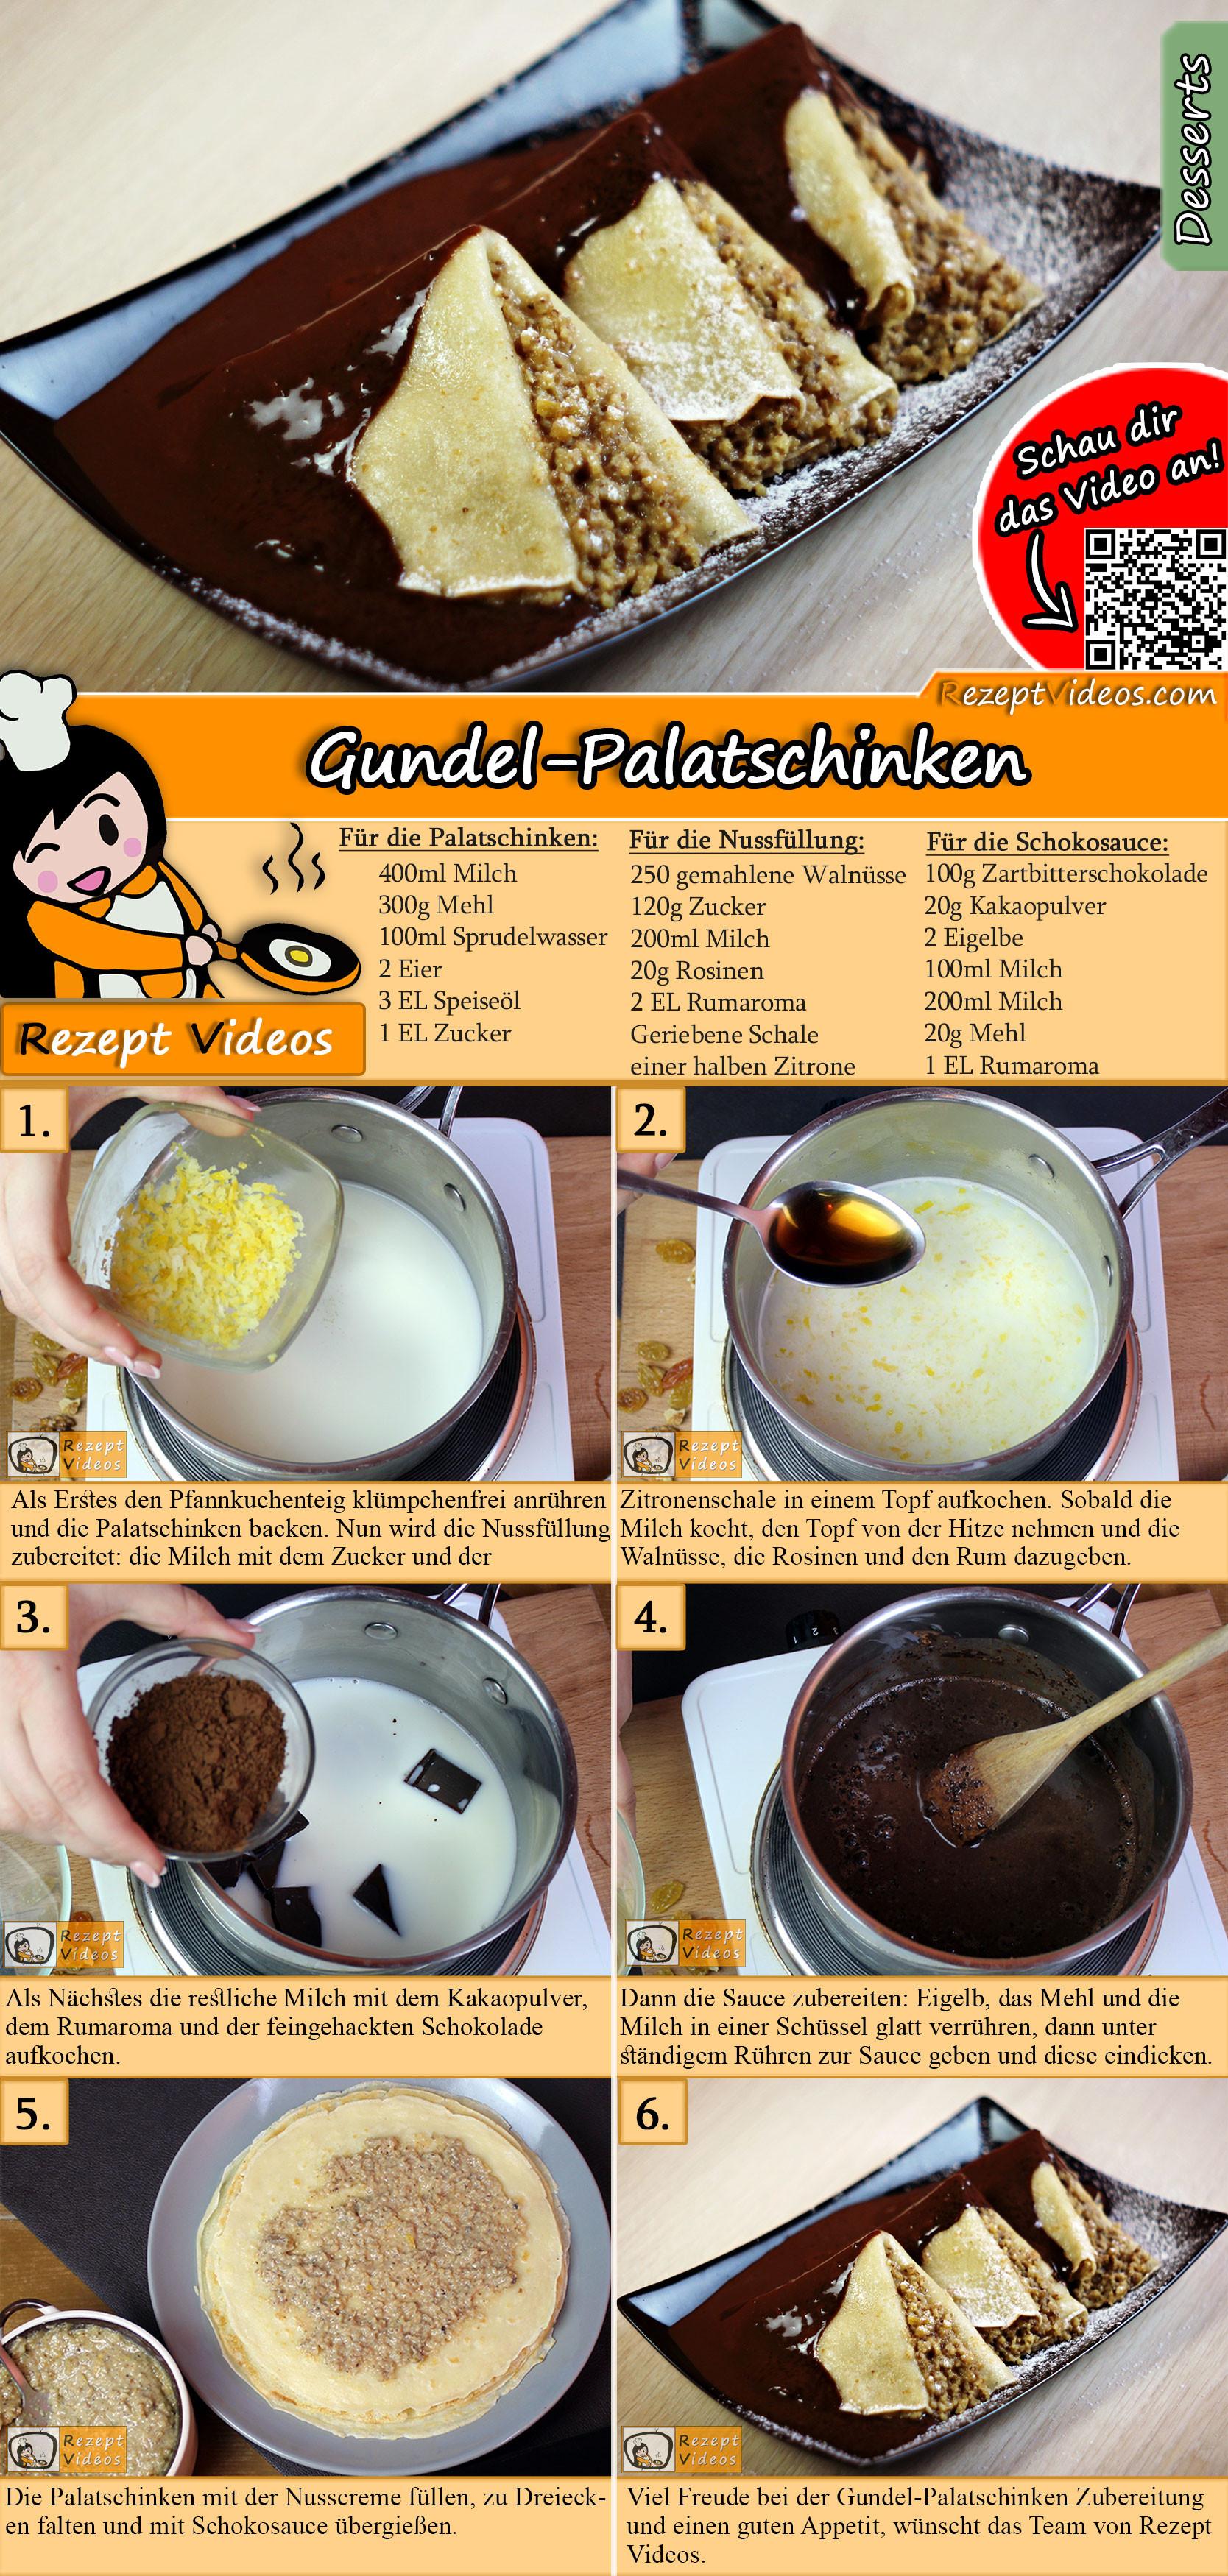 Hausgemachte Gundel-Palatschinken Rezept mit Video